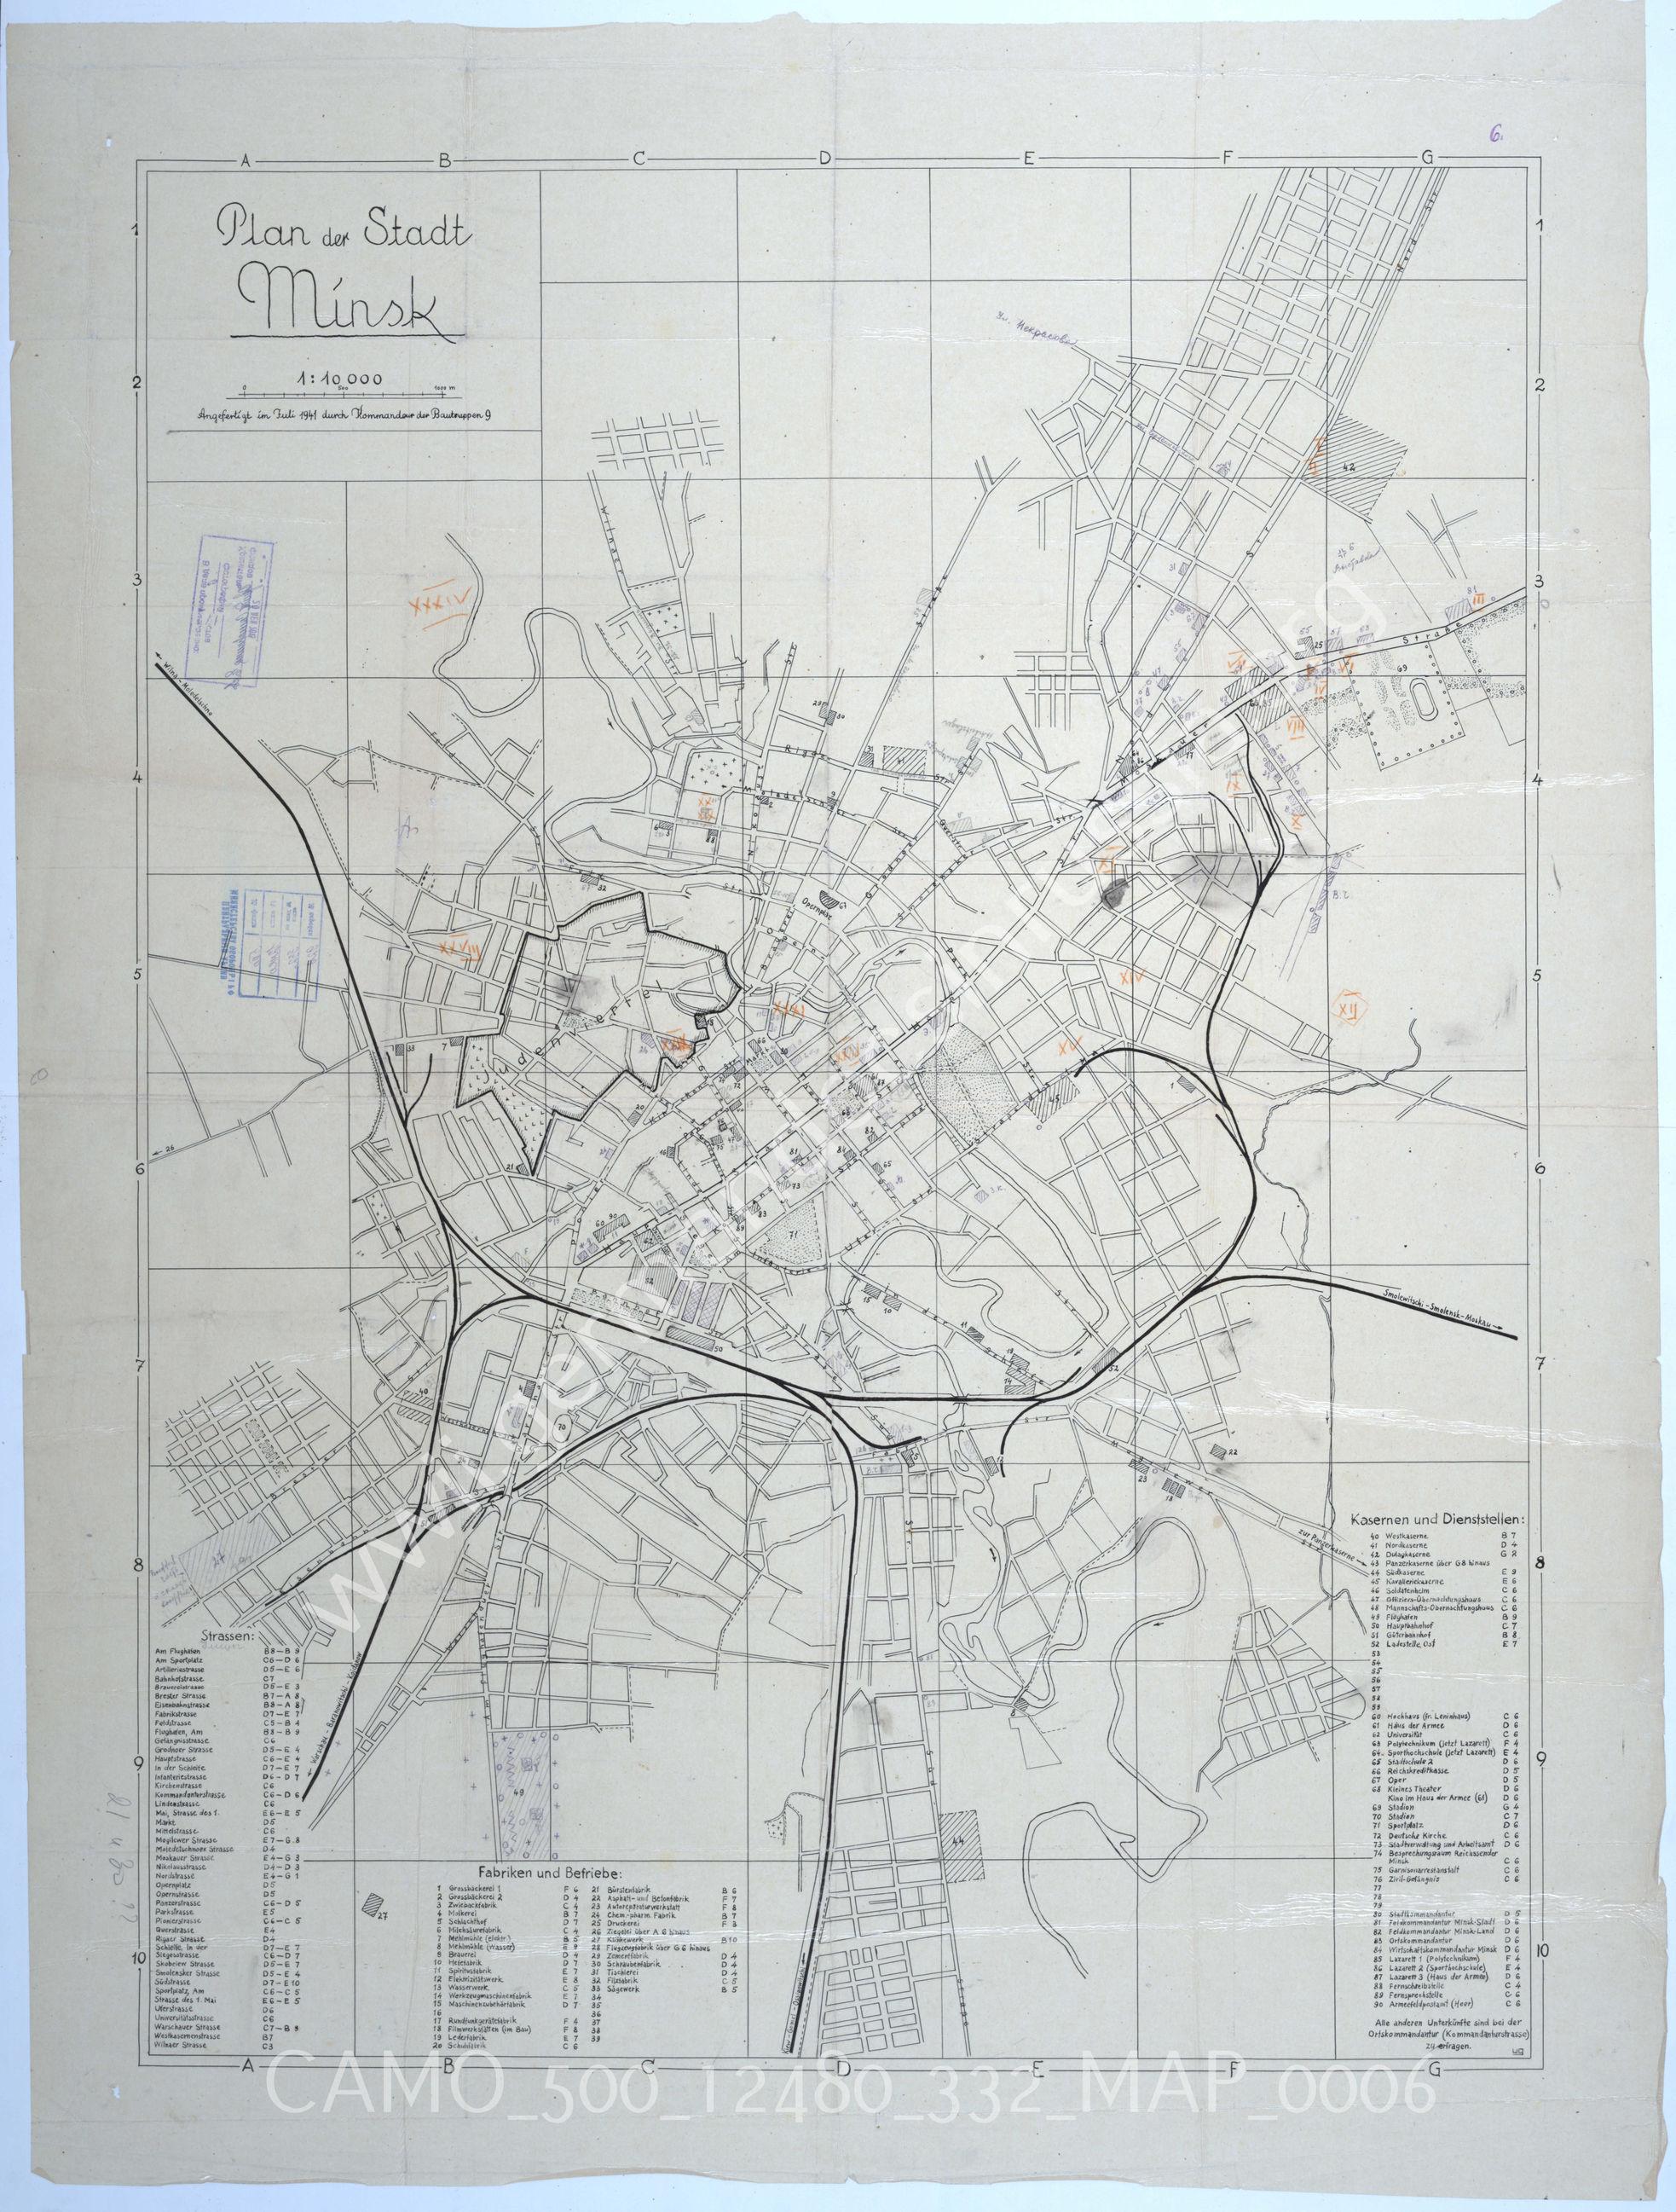 Plan der stadt Minsk (План города Минска)